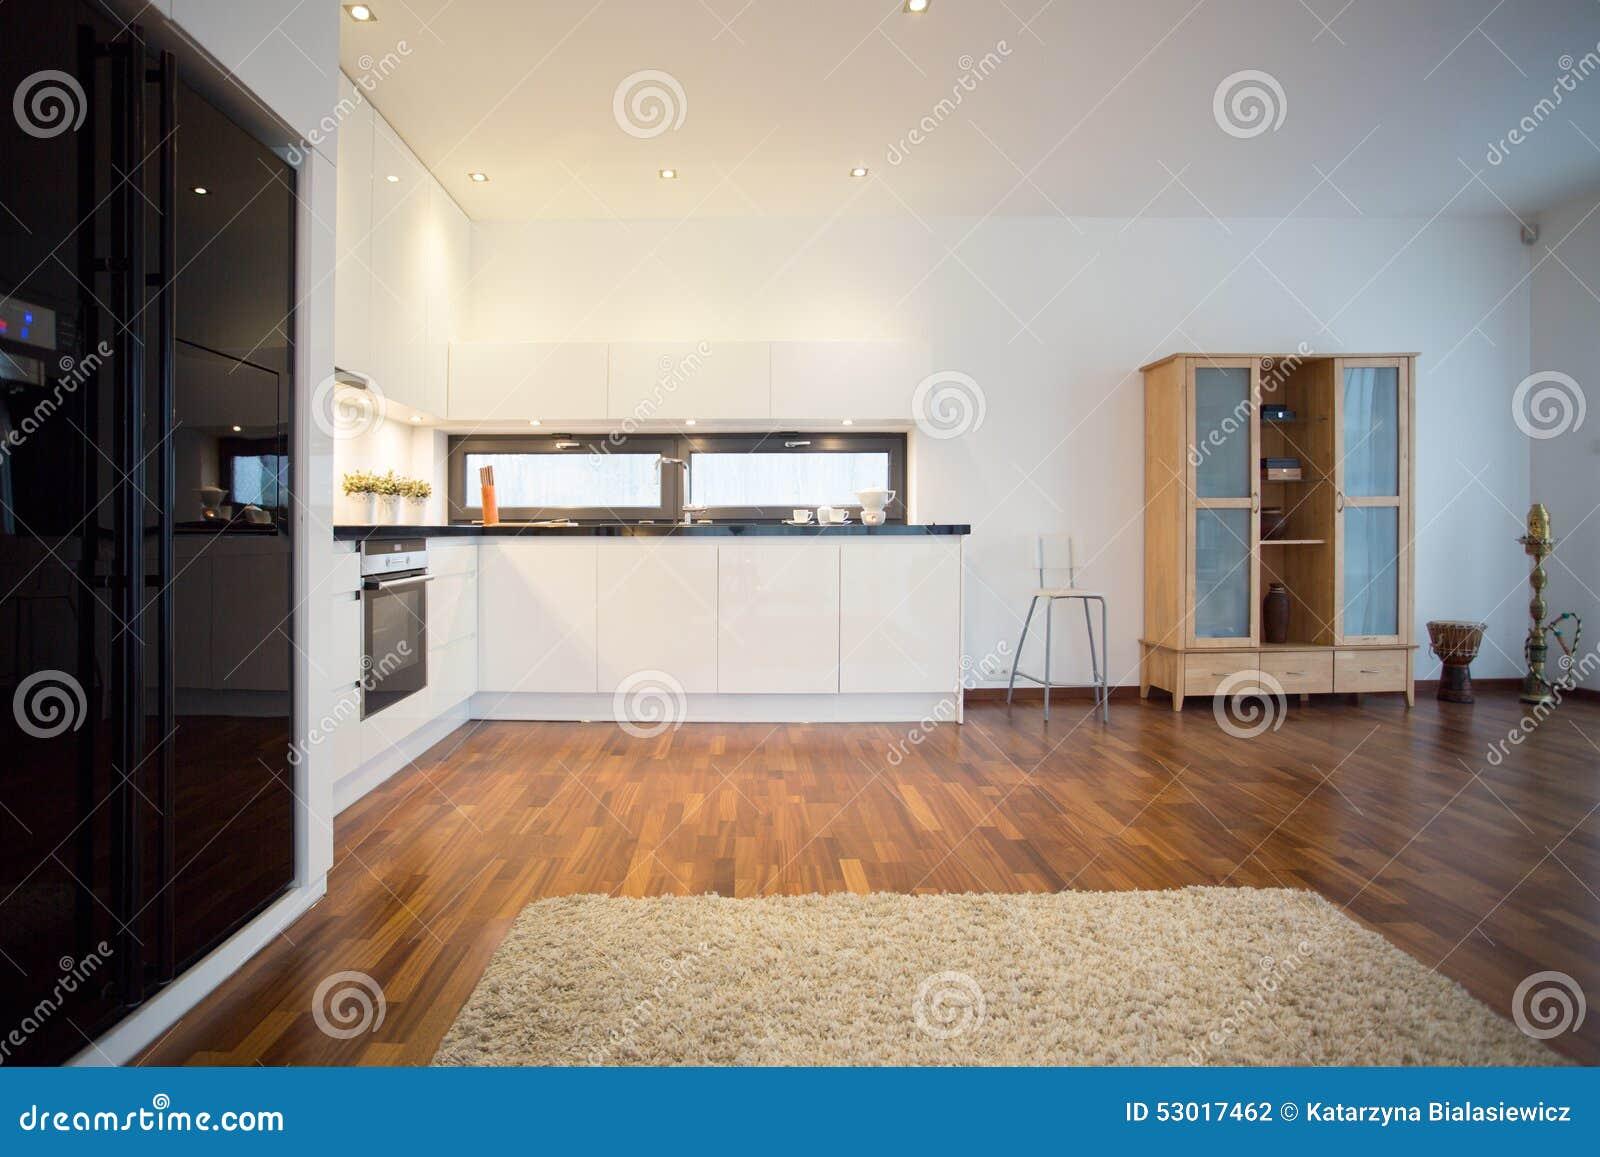 Großer Schwarzer Kühlschrank Stockfoto - Bild: 53017462